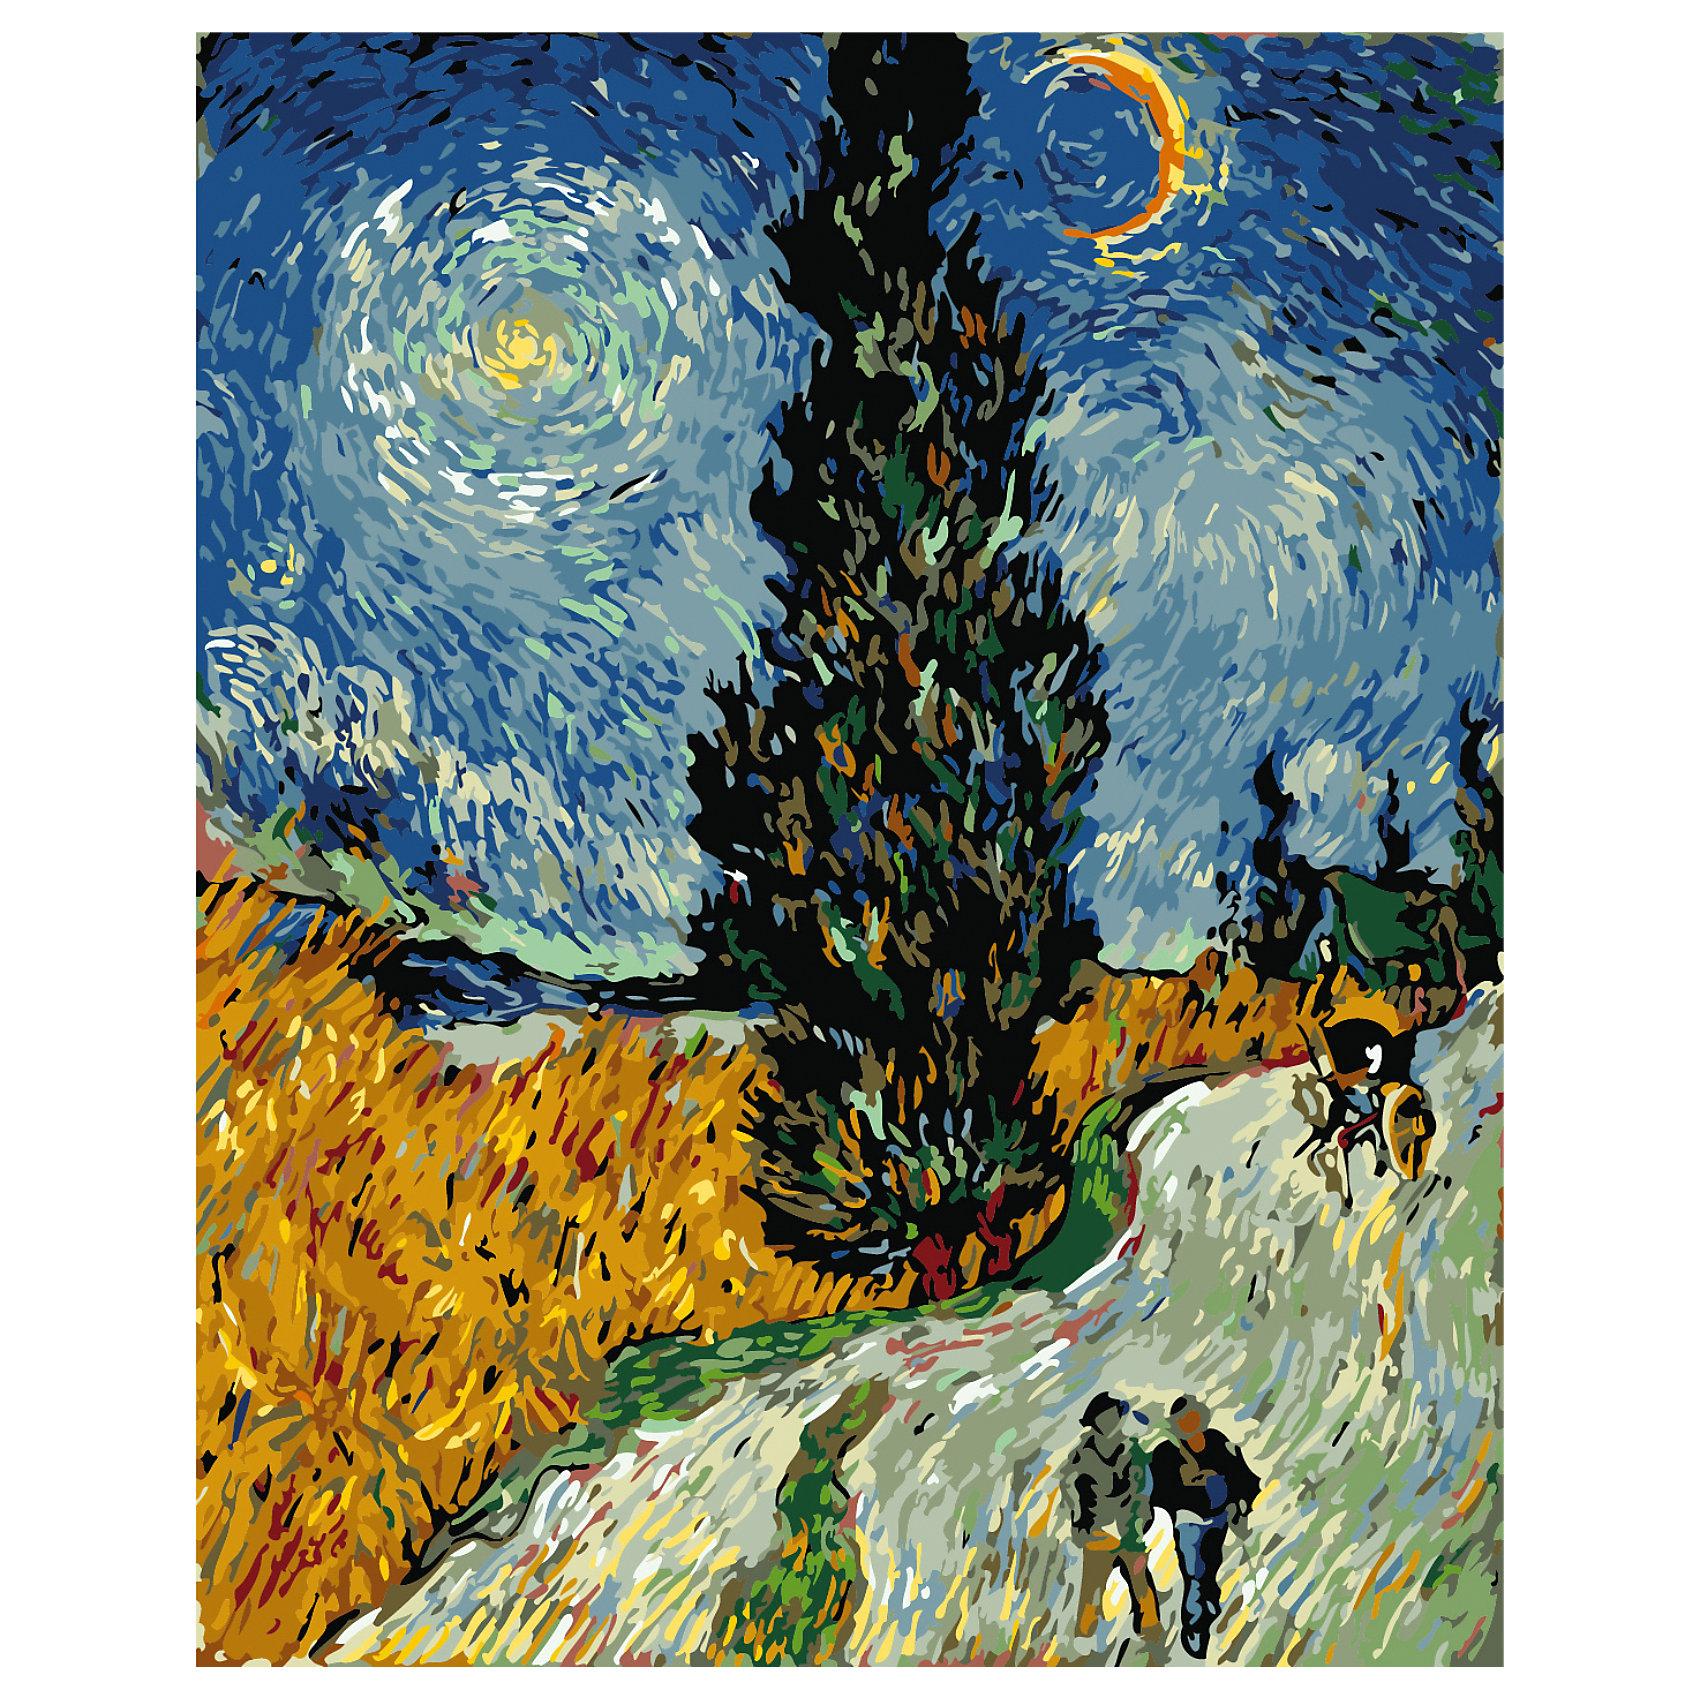 Роспись по номерам Кипарисы на фоне звездного неба Ван Гог, 40*50 смРаскраски по номерам<br>Характеристики:<br><br>• Предназначение: для занятий художественным творчеством <br>• Тематика: Природа<br>• Уровень сложности: средний<br>• Материал: дерево, бумага, акрил, пластик<br>• Комплектация: холст на подрамнике, кисти – 3 шт., акриловые краски, крепеж для картины, инструкция<br>• Размеры готовой картины (Ш*В): 50*40 см<br>• Размеры (Д*Ш*В): 42*52*2,5 см<br>• Вес: 500 г <br>• Упаковка: картонная коробка<br><br>Роспись по номерам Кипарисы на фоне звездного неба Ван Гог, 40*50 см – это набор для росписи картины акриловыми красками. Набор для творчества состоит из холста, натянутого на подрамник. На холст нанесен принт с контурами элементов и указанием номера красок. В наборе предусмотрены кисточки, акриловые краски и держатель для картины. Уникальность набора заключается в том, что для получения необходимого оттенка краски смешивать не нужно, так как все оттенки предусмотрены в комплектации. На схему нанесено изображение по мотивам картин Ван Гога.<br><br>Роспись по номерам Кипарисы на фоне звездного неба Ван Гог, 40*50 см можно купить в нашем интернет-магазине.<br><br>Ширина мм: 420<br>Глубина мм: 520<br>Высота мм: 25<br>Вес г: 500<br>Возраст от месяцев: 36<br>Возраст до месяцев: 2147483647<br>Пол: Унисекс<br>Возраст: Детский<br>SKU: 5579738